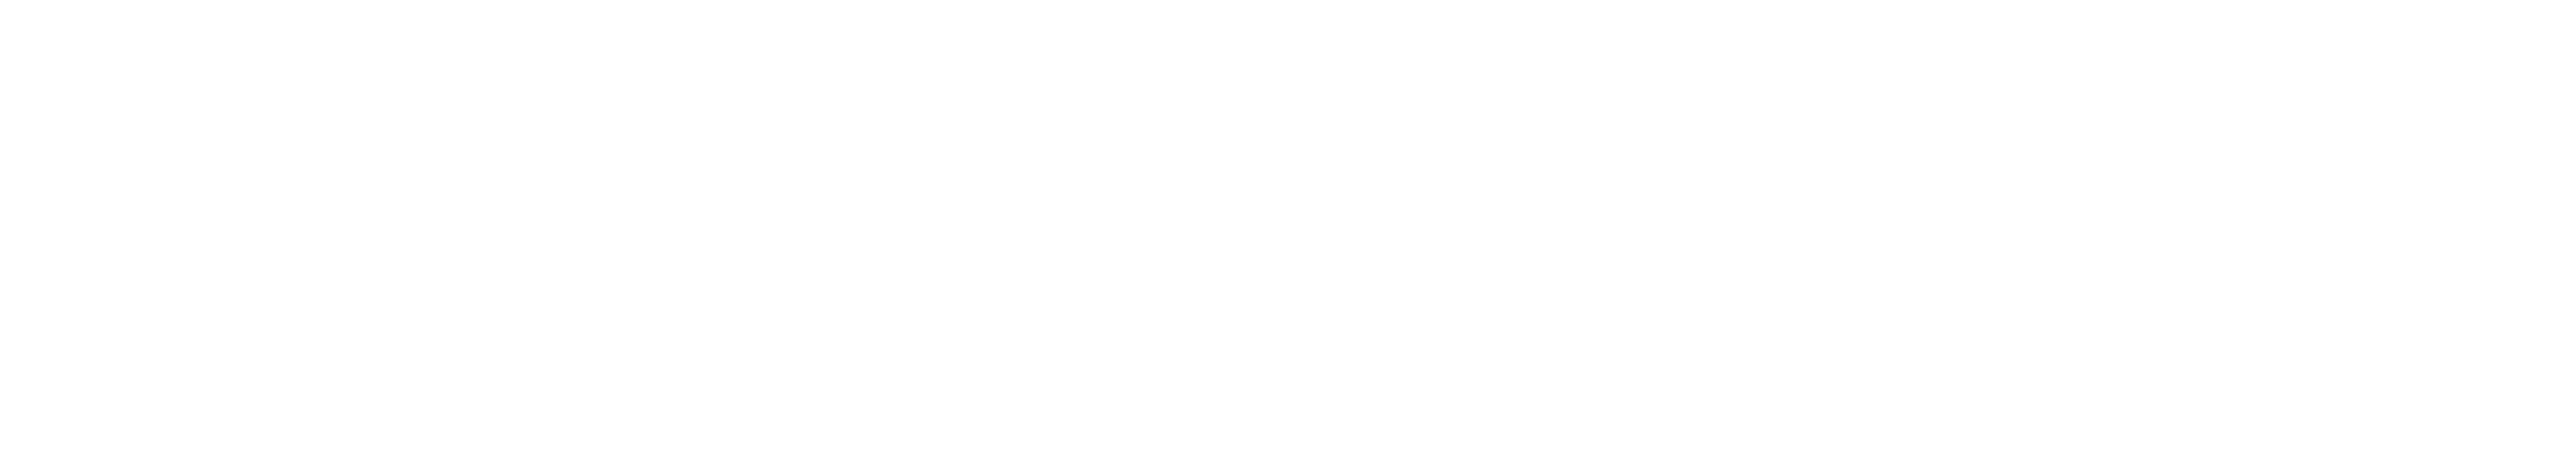 Aleigro.com